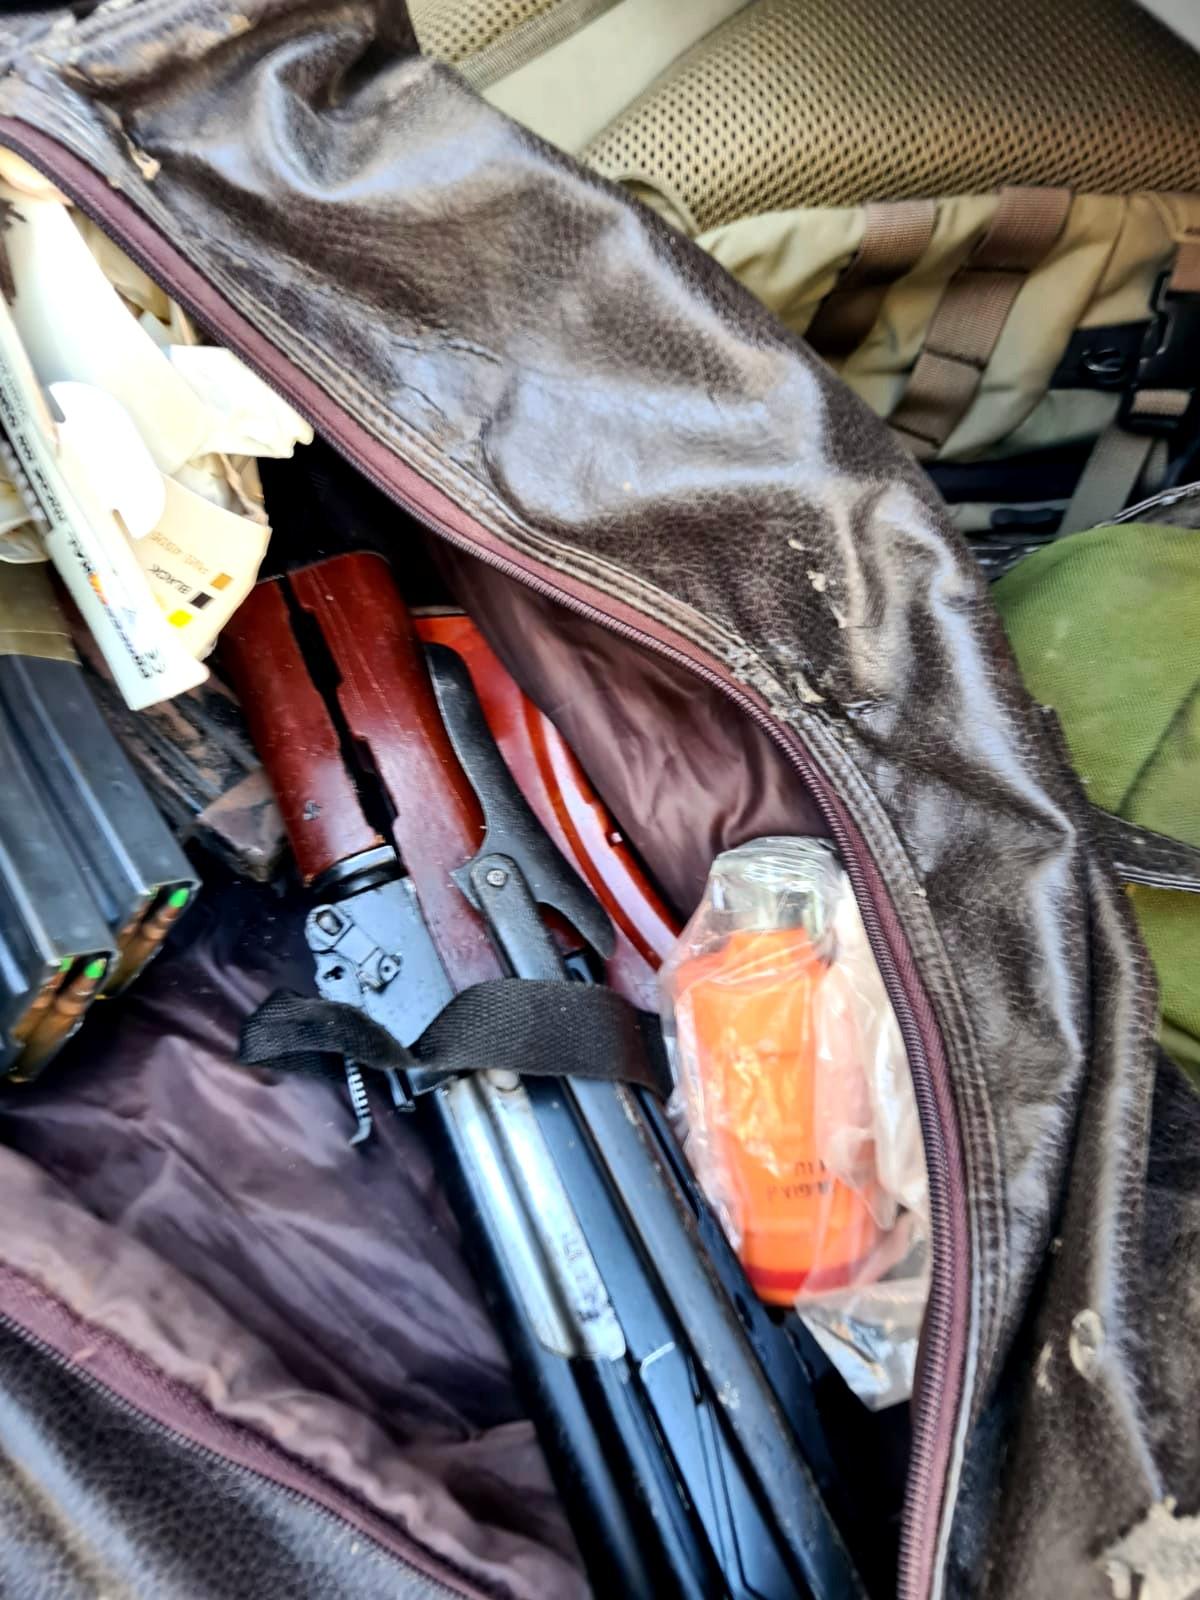 ضبط اسلحة خلال تفتيش